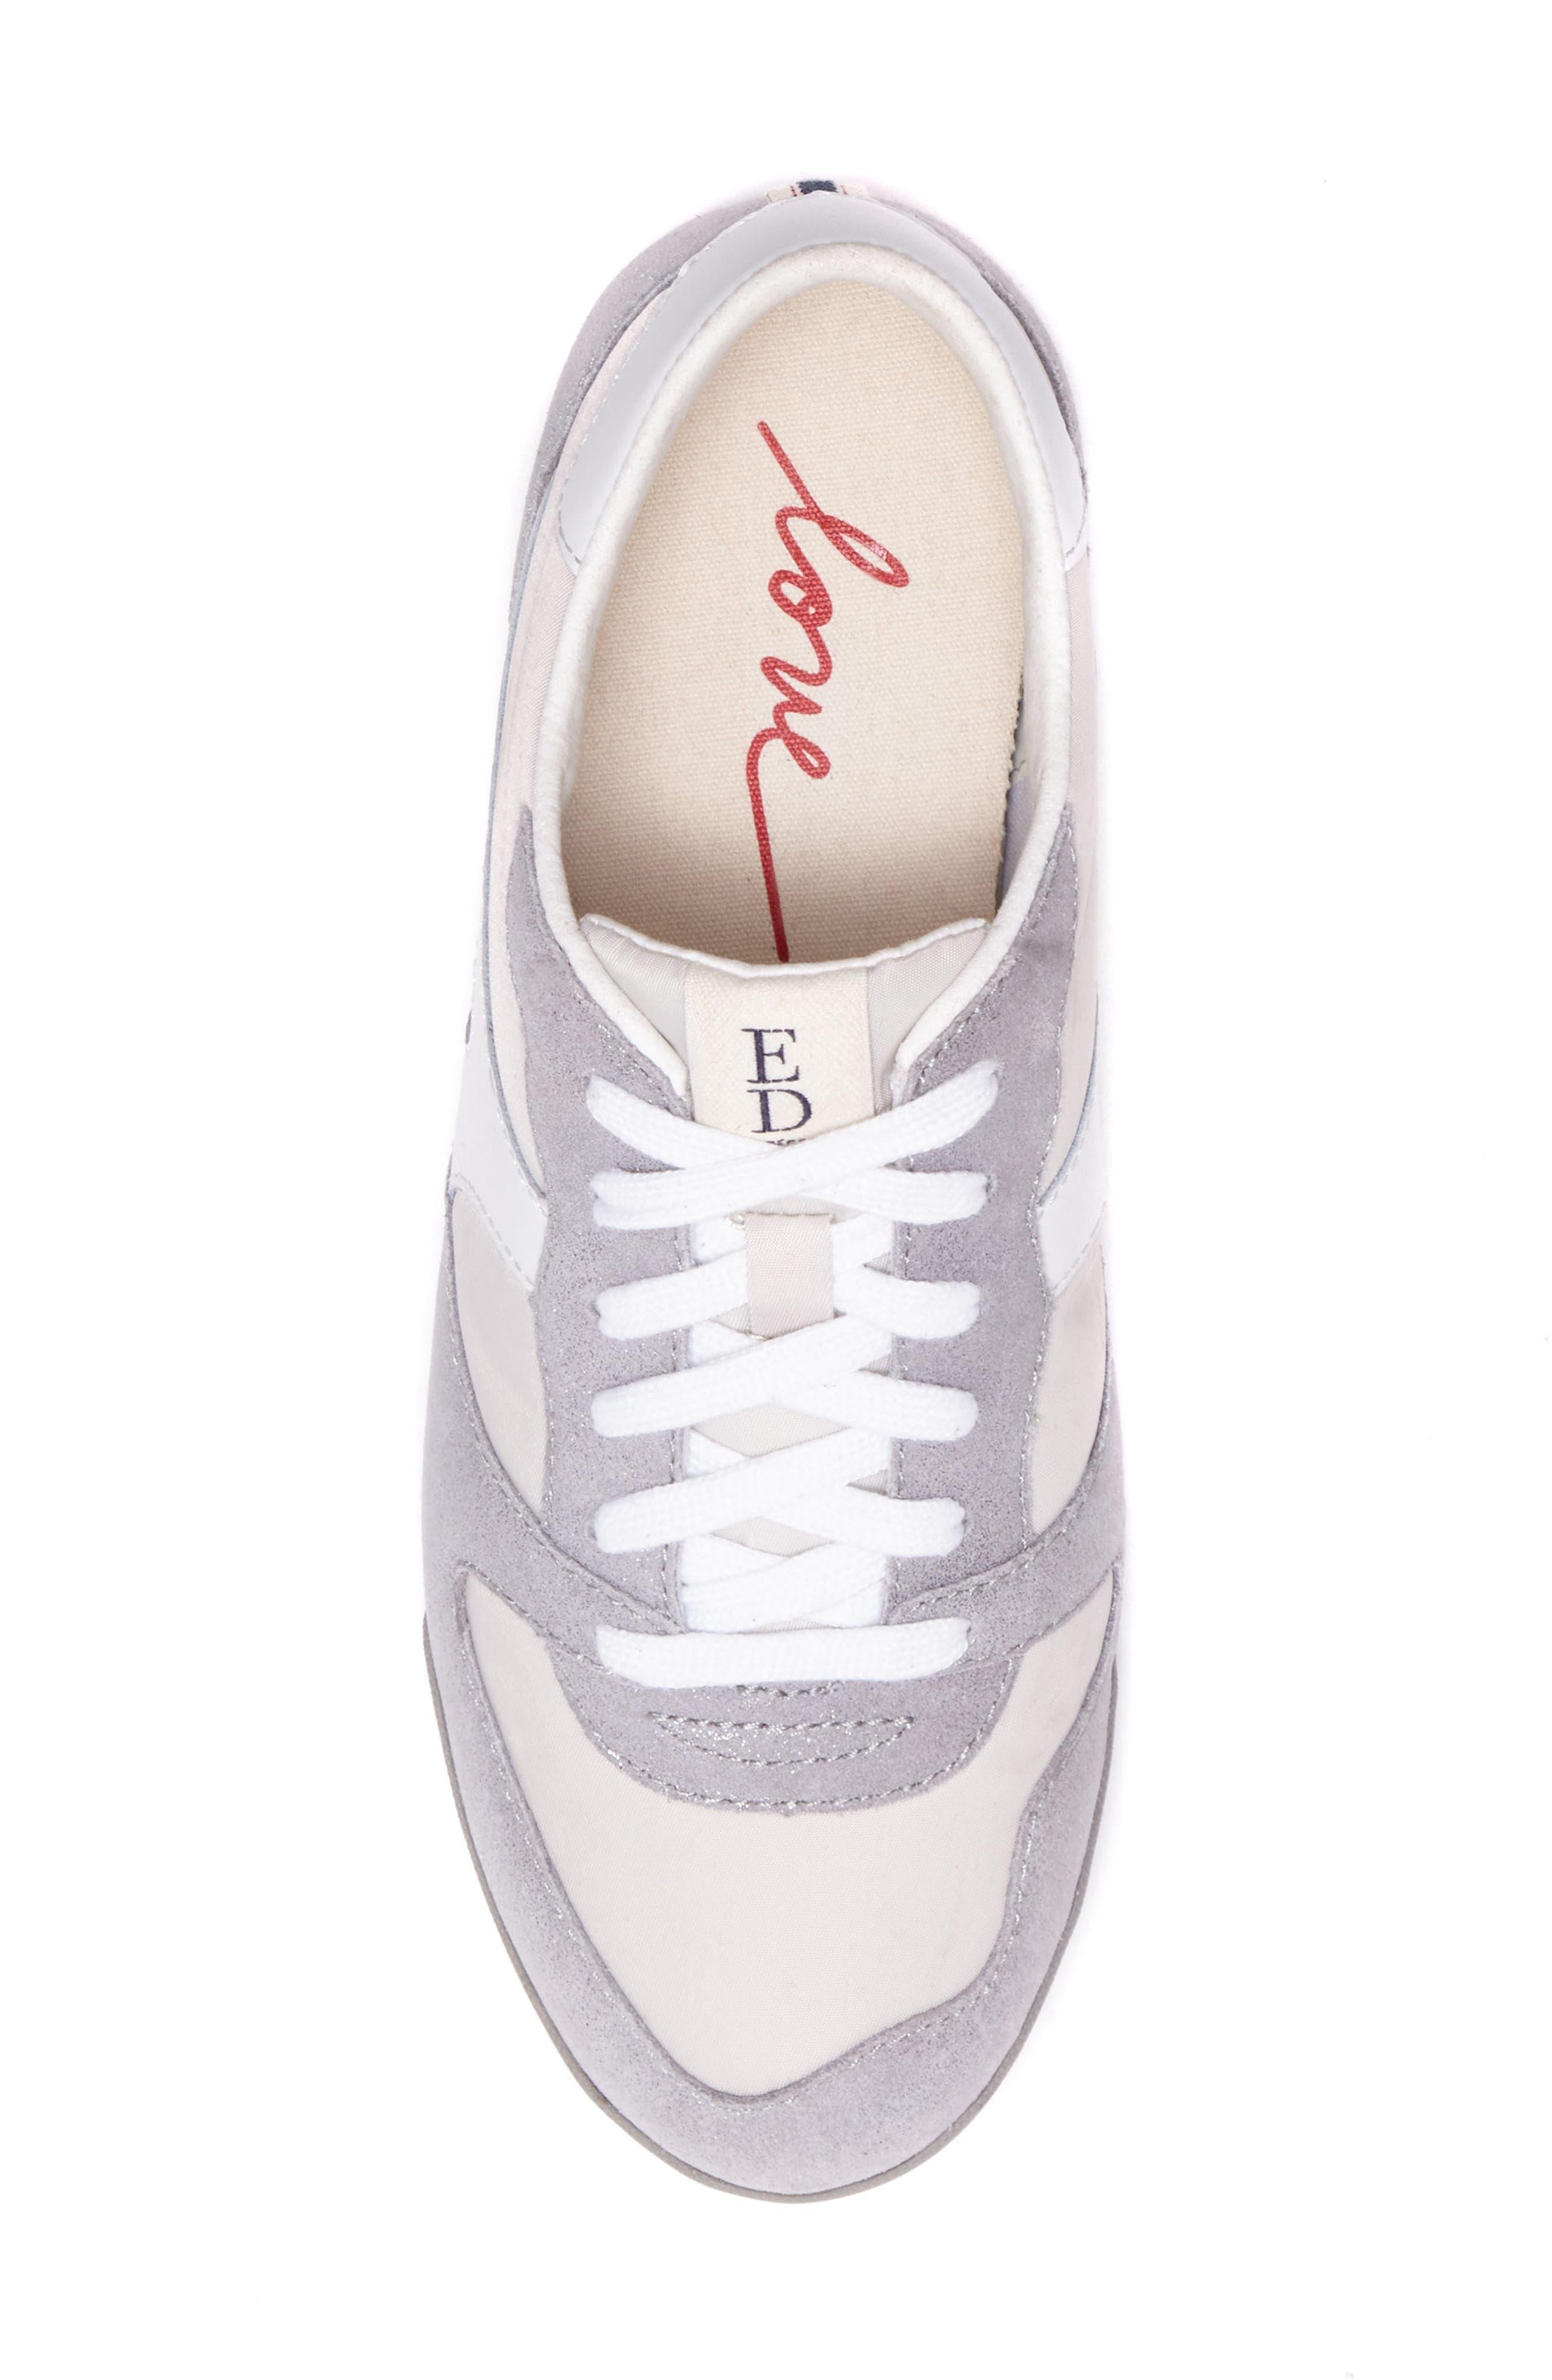 Ellert Sneaker,                             Alternate thumbnail 4, color,                             040